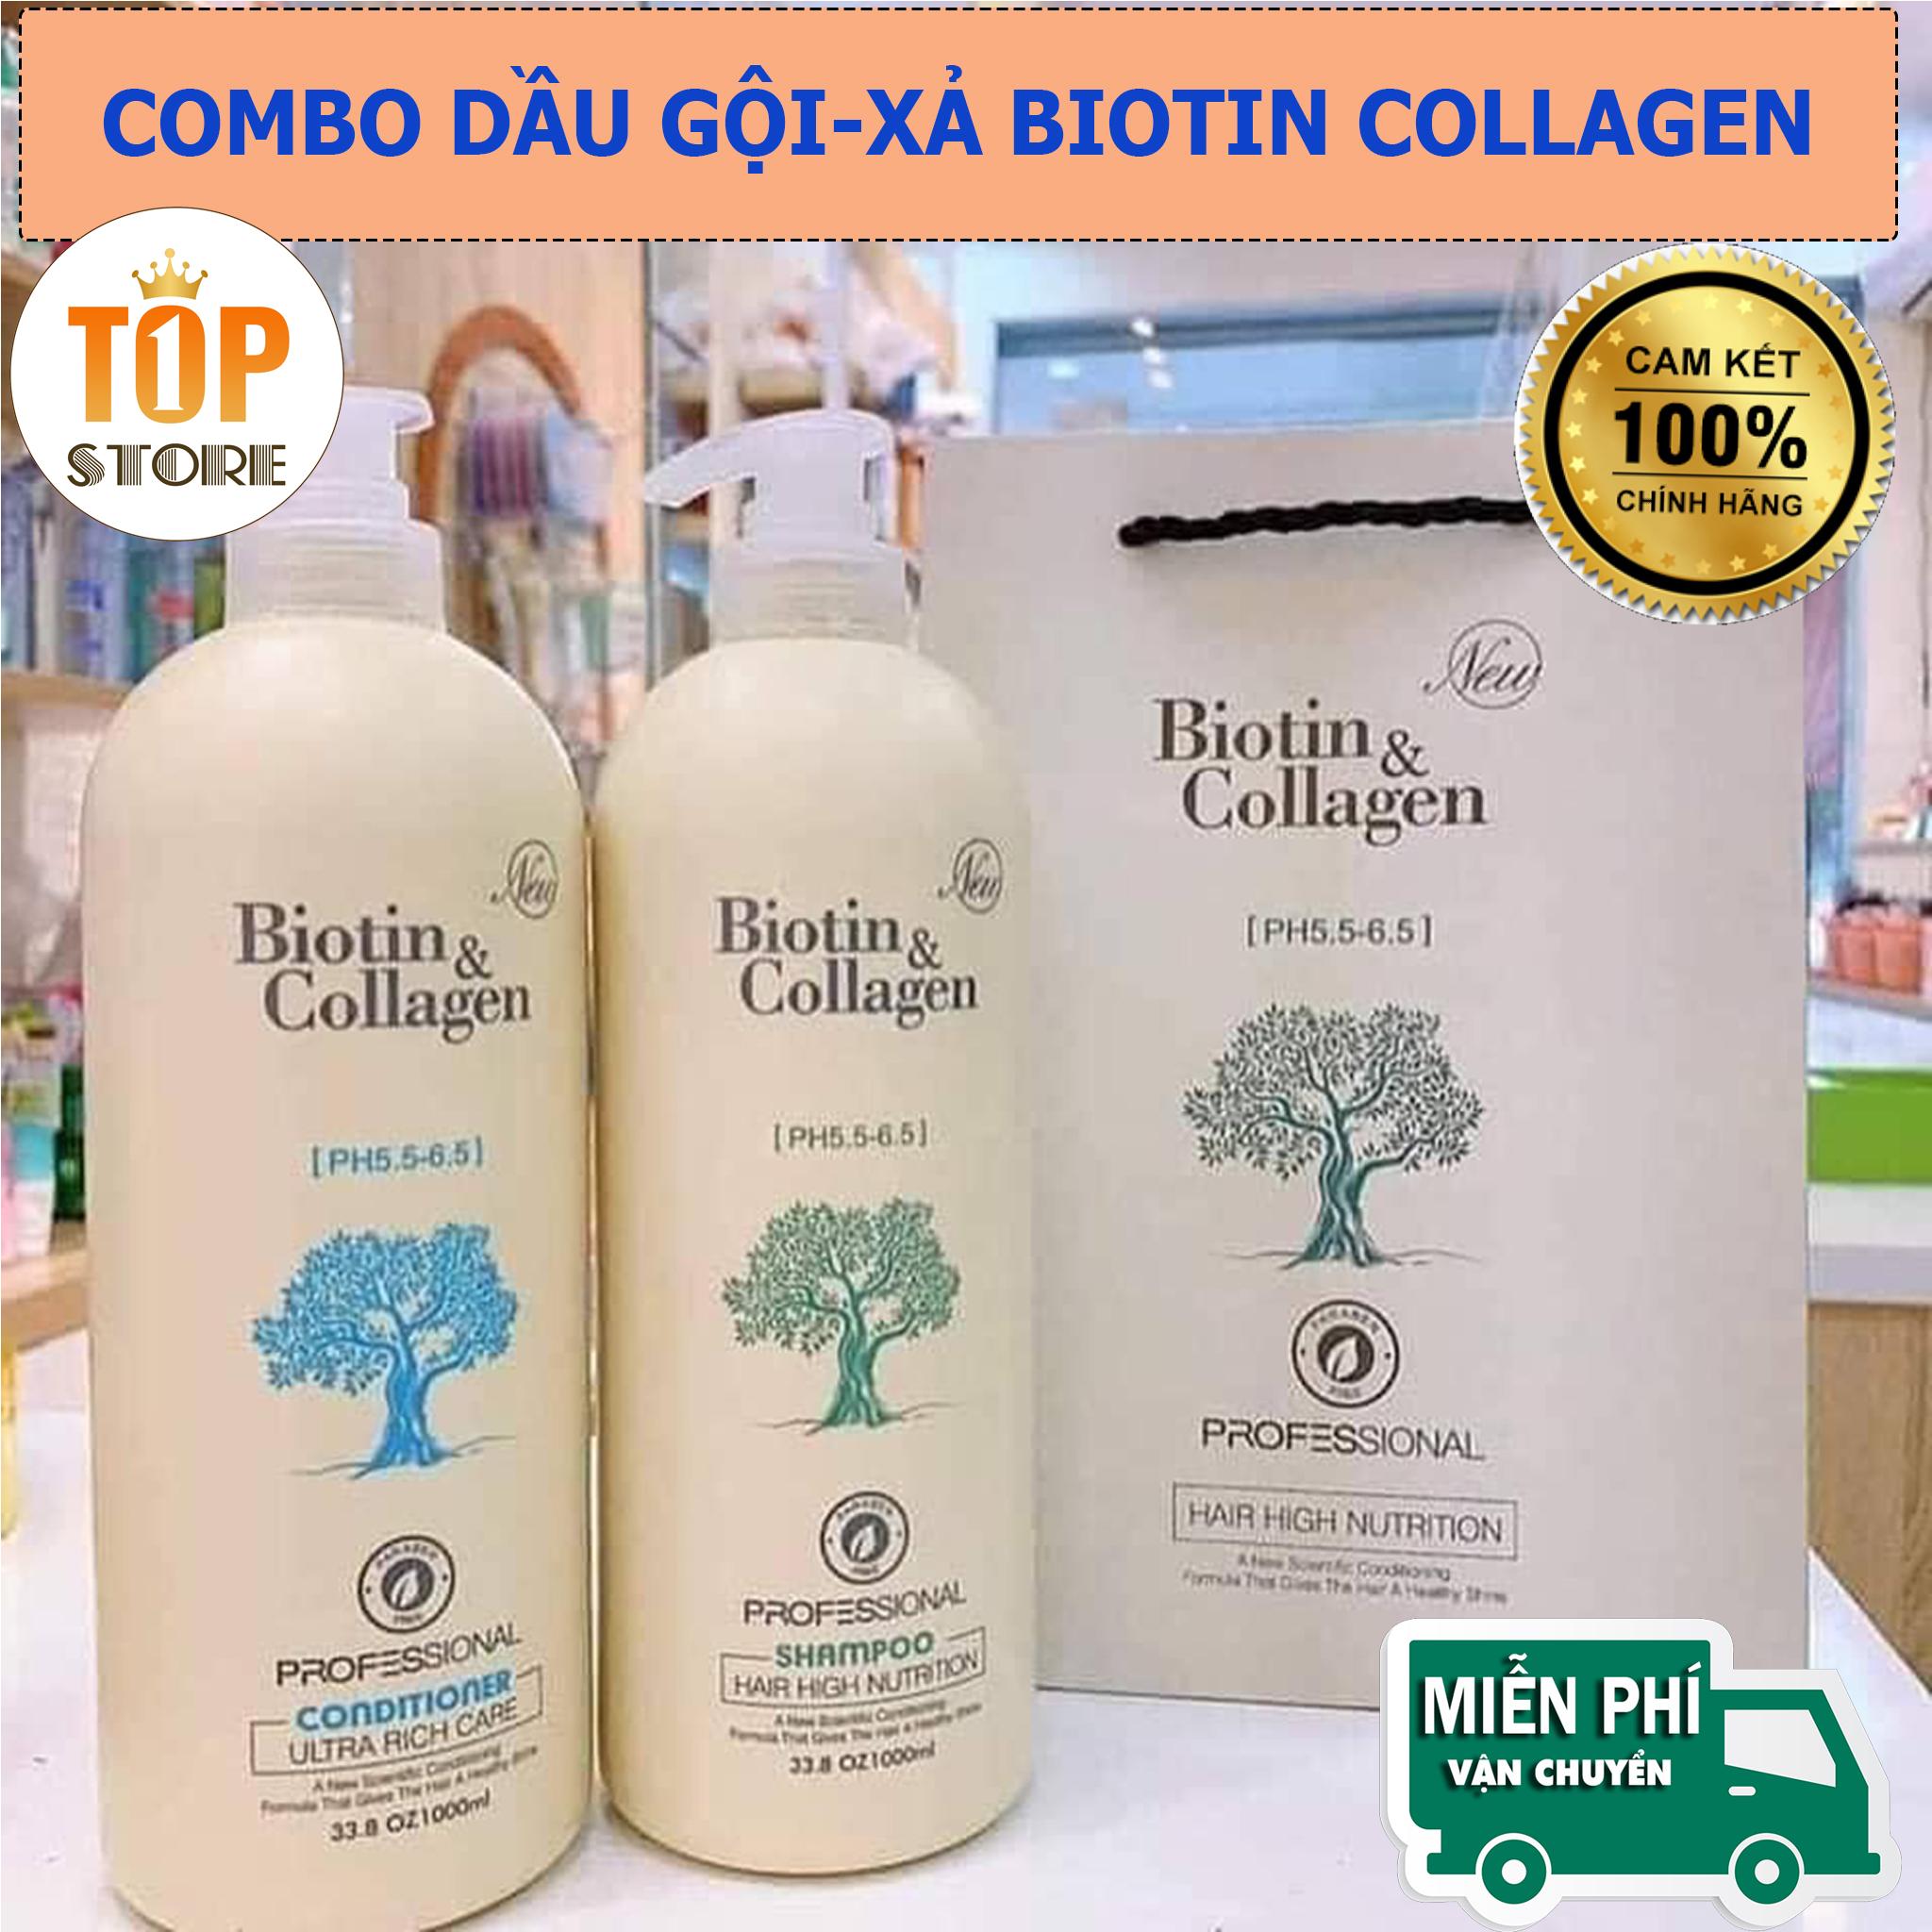 [BIOTIN] Gội Xả Biotin Cặp Dầu Gội Xả Biotin Collagen Trắng Dầu Gội và xả Biotin Collagen phục hồi và nuôi dưỡng sợi tóc cho mái tóc dày bồng bềnh bóng mượt hơn từ sâu bên trong.